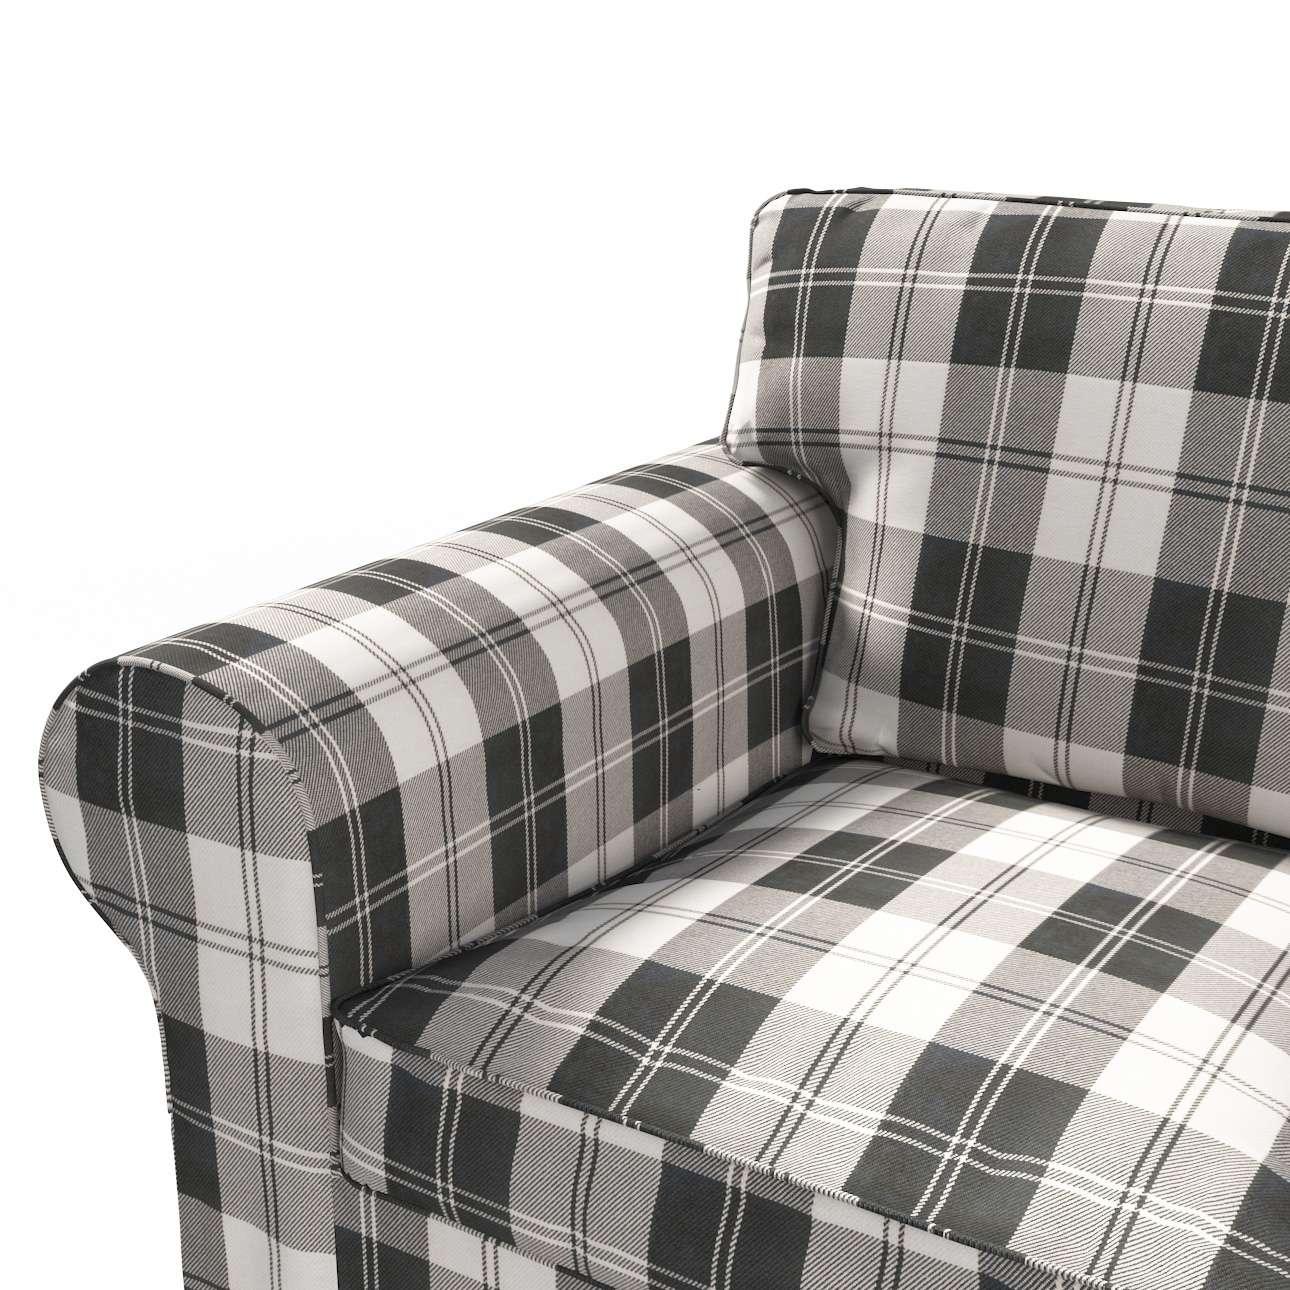 Potah na pohovku IKEA Ektorp 2-místná rozkládací  NOVÝ MODEL 2012 v kolekci Edinburgh, látka: 115-74